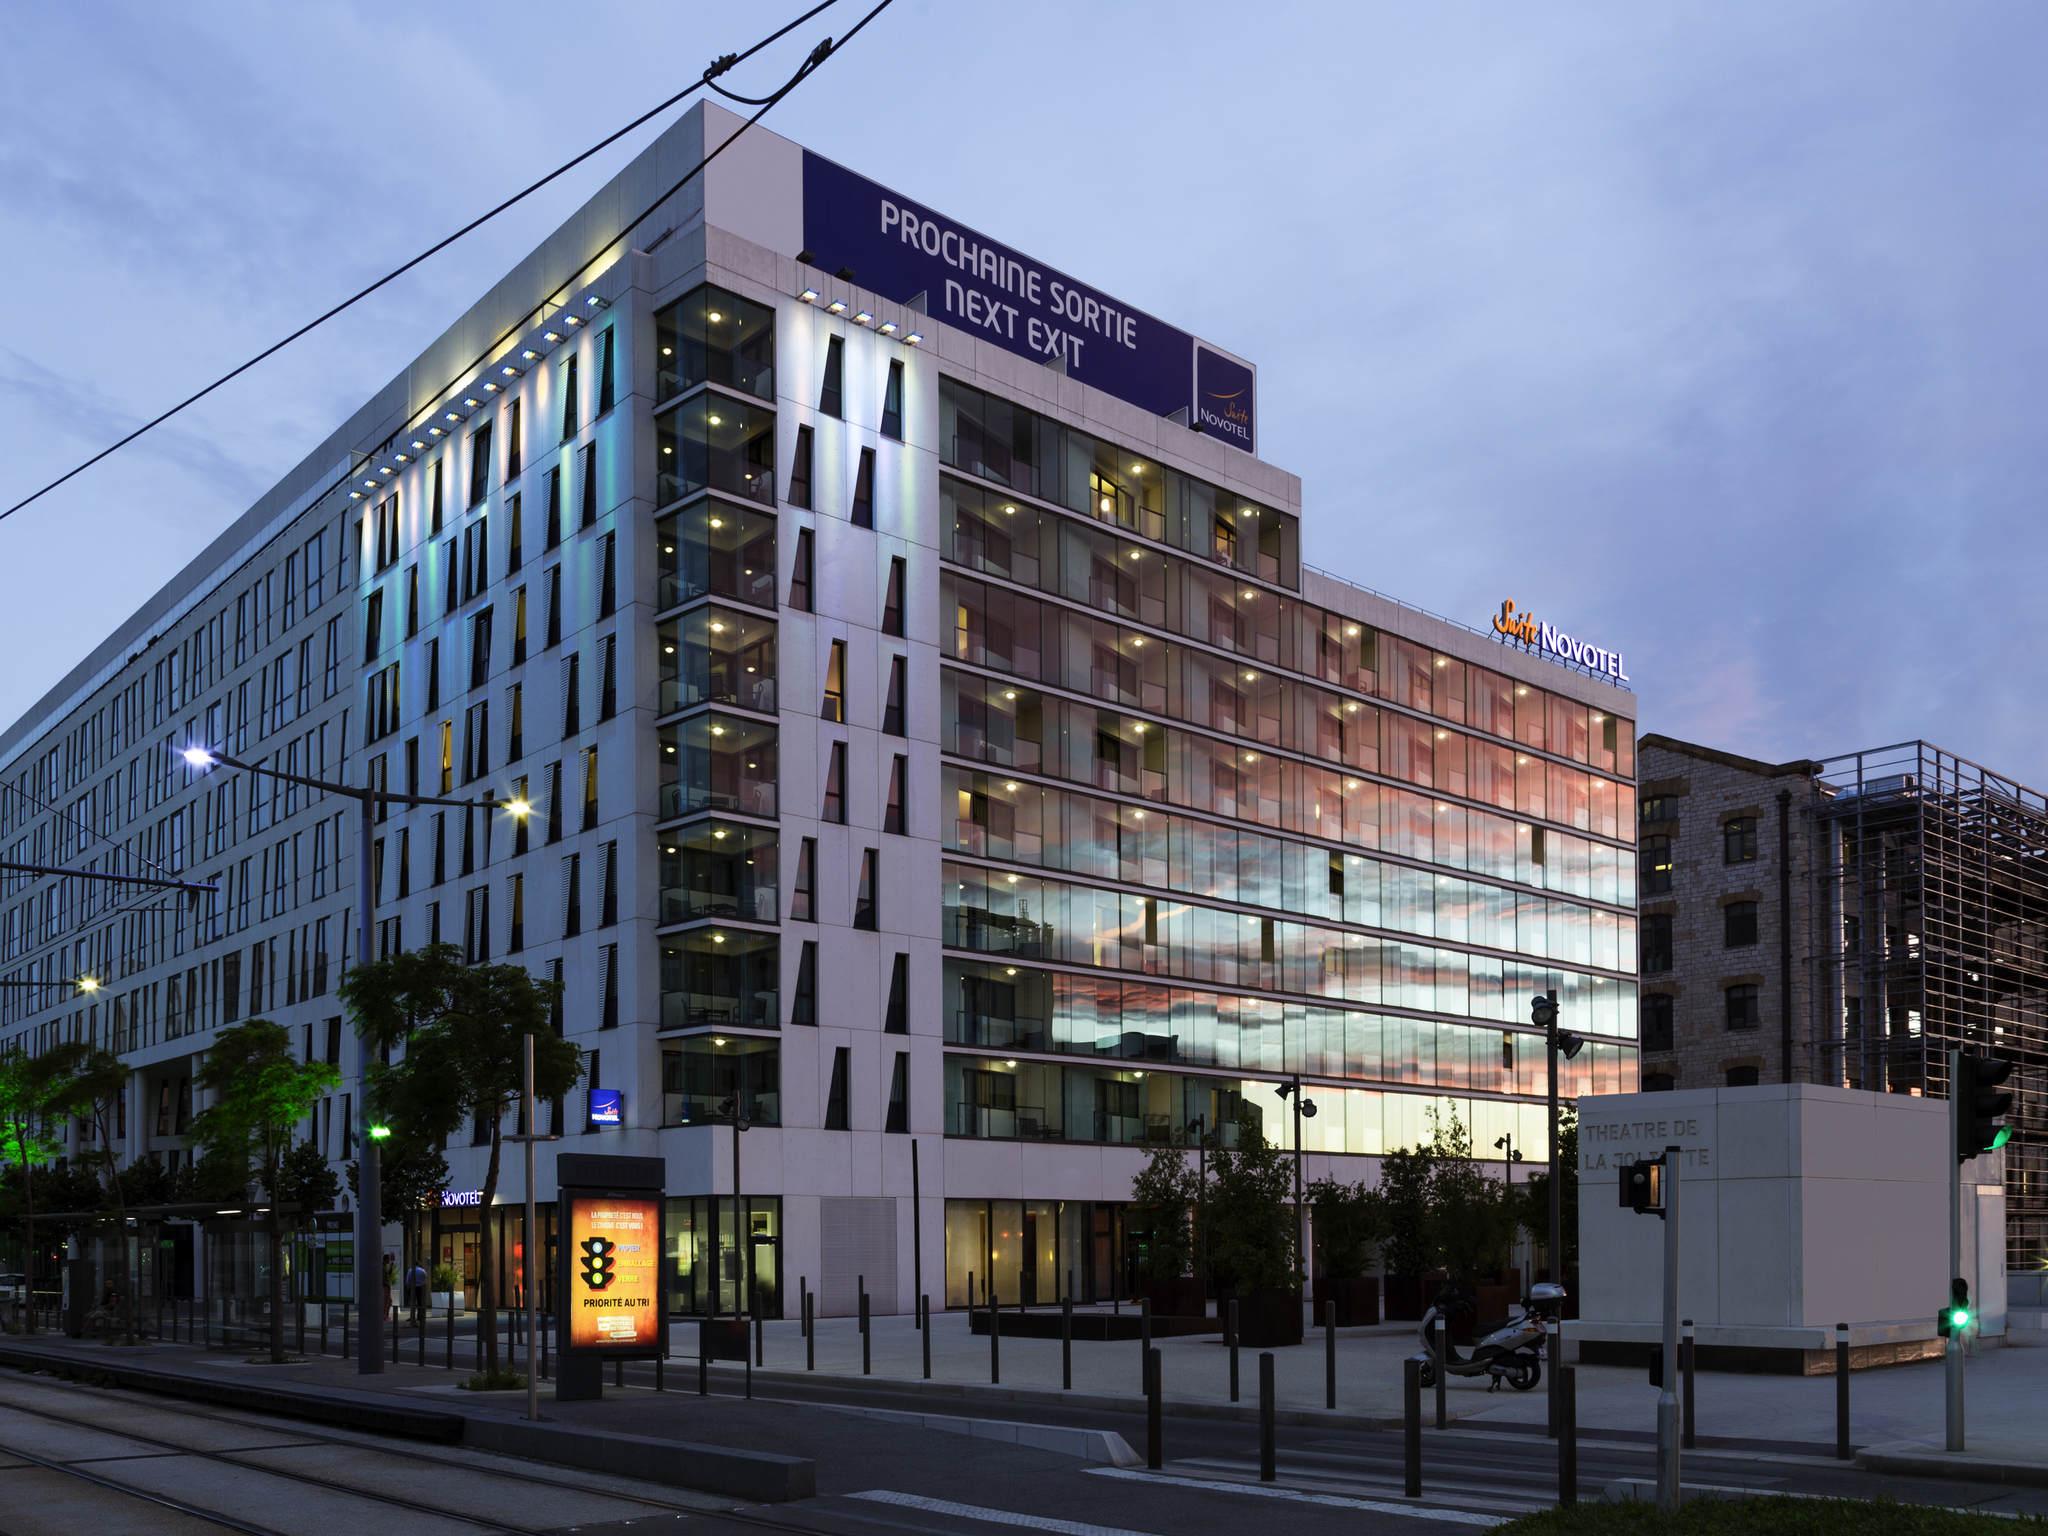 โรงแรม – Novotel Suites Marseille Centre Euroméd